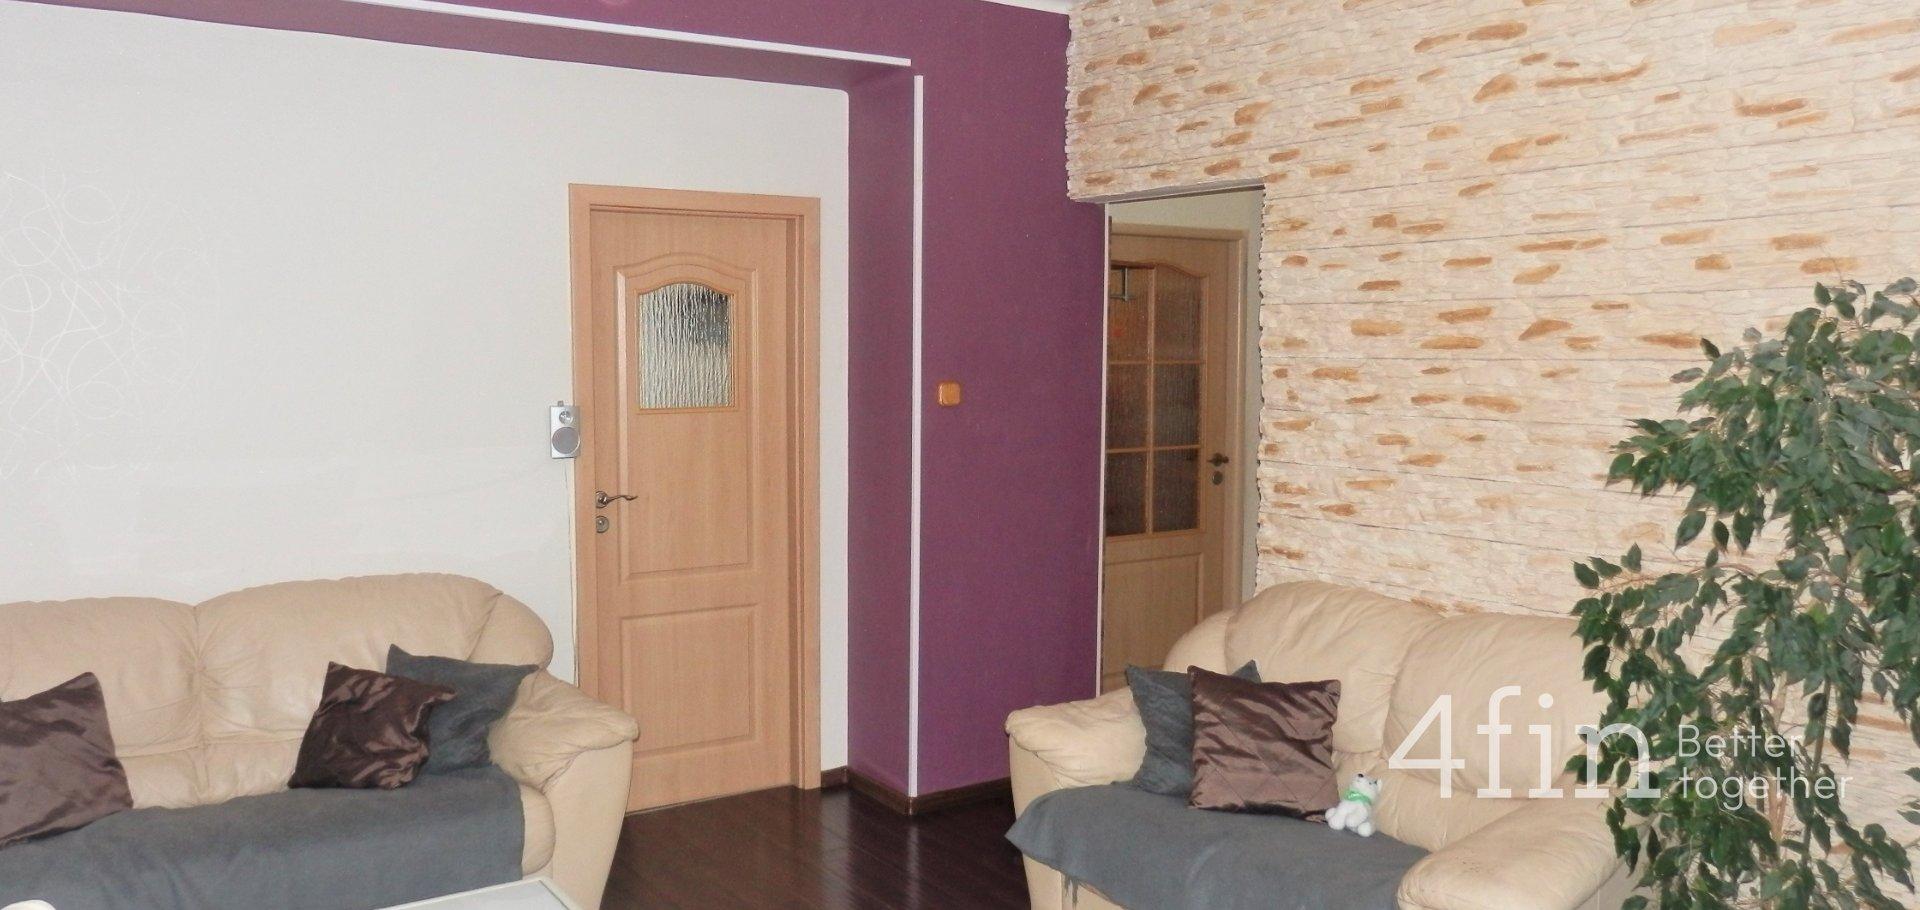 Prodej bytu 3+kk s balkonem, 64 m2, ul. Družstevnická, Havířov-Podlesí